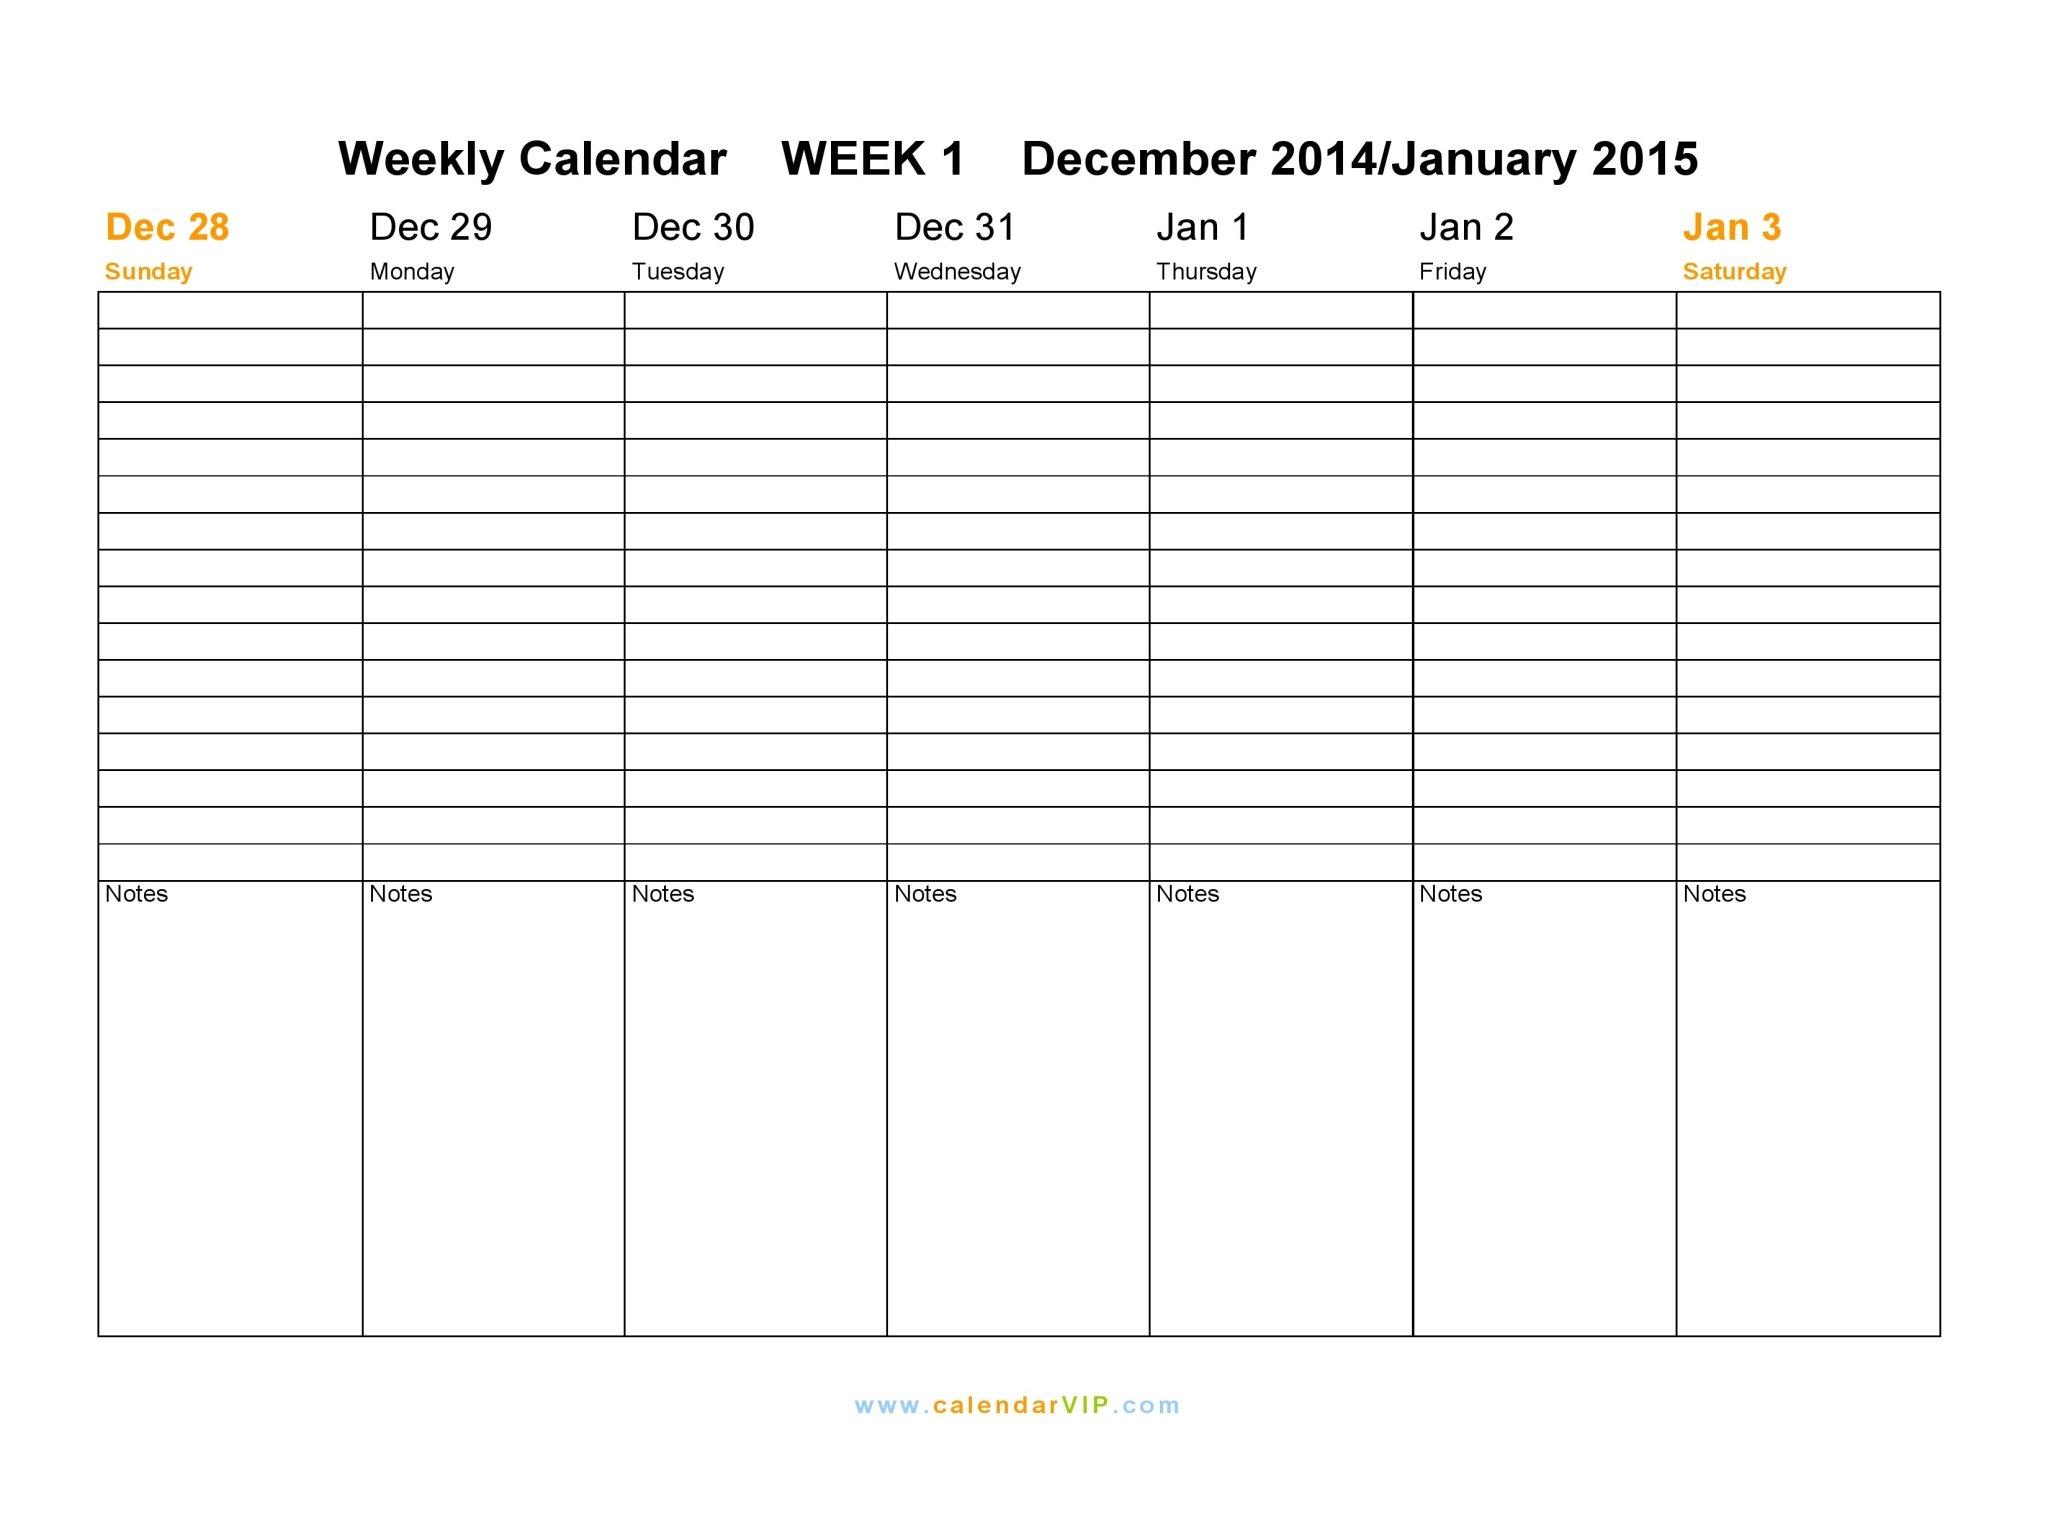 Weekly Calendar 2015 – Free Weekly Calendar Templates 1 Week Blank Calendar Printable